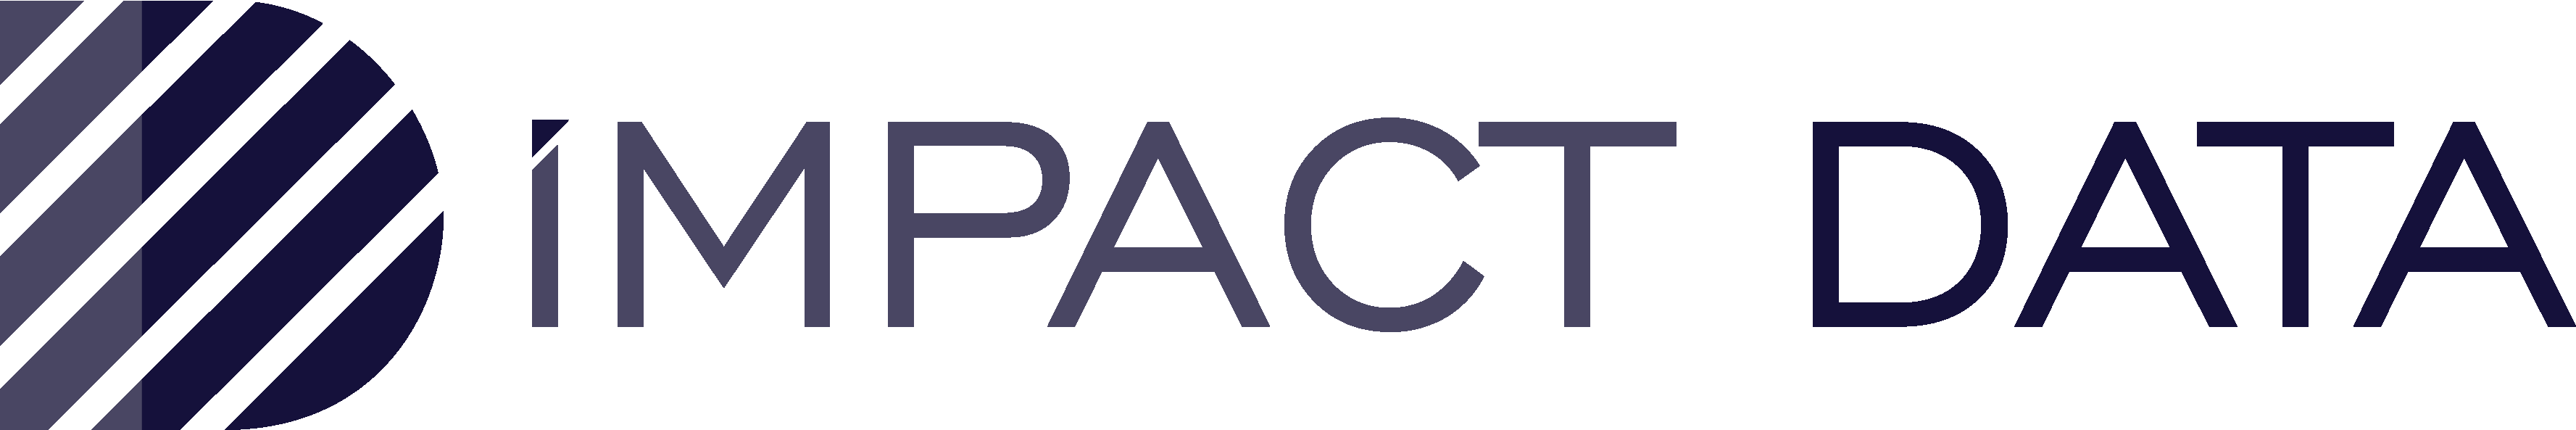 Impact Data logo